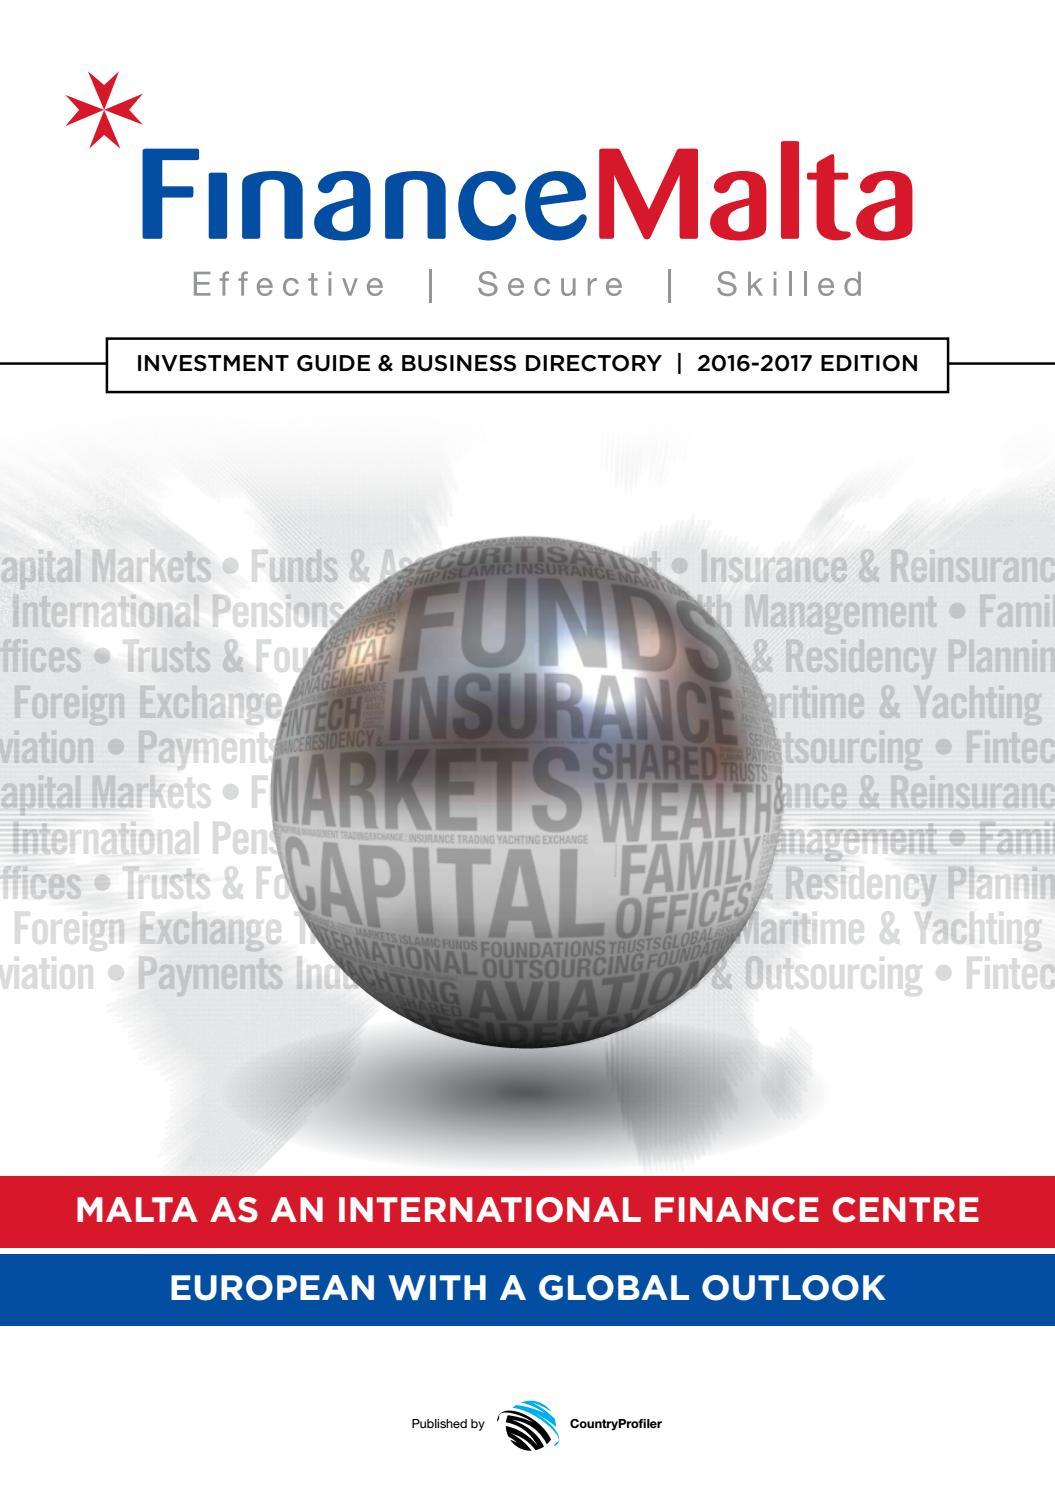 financemalta forex market